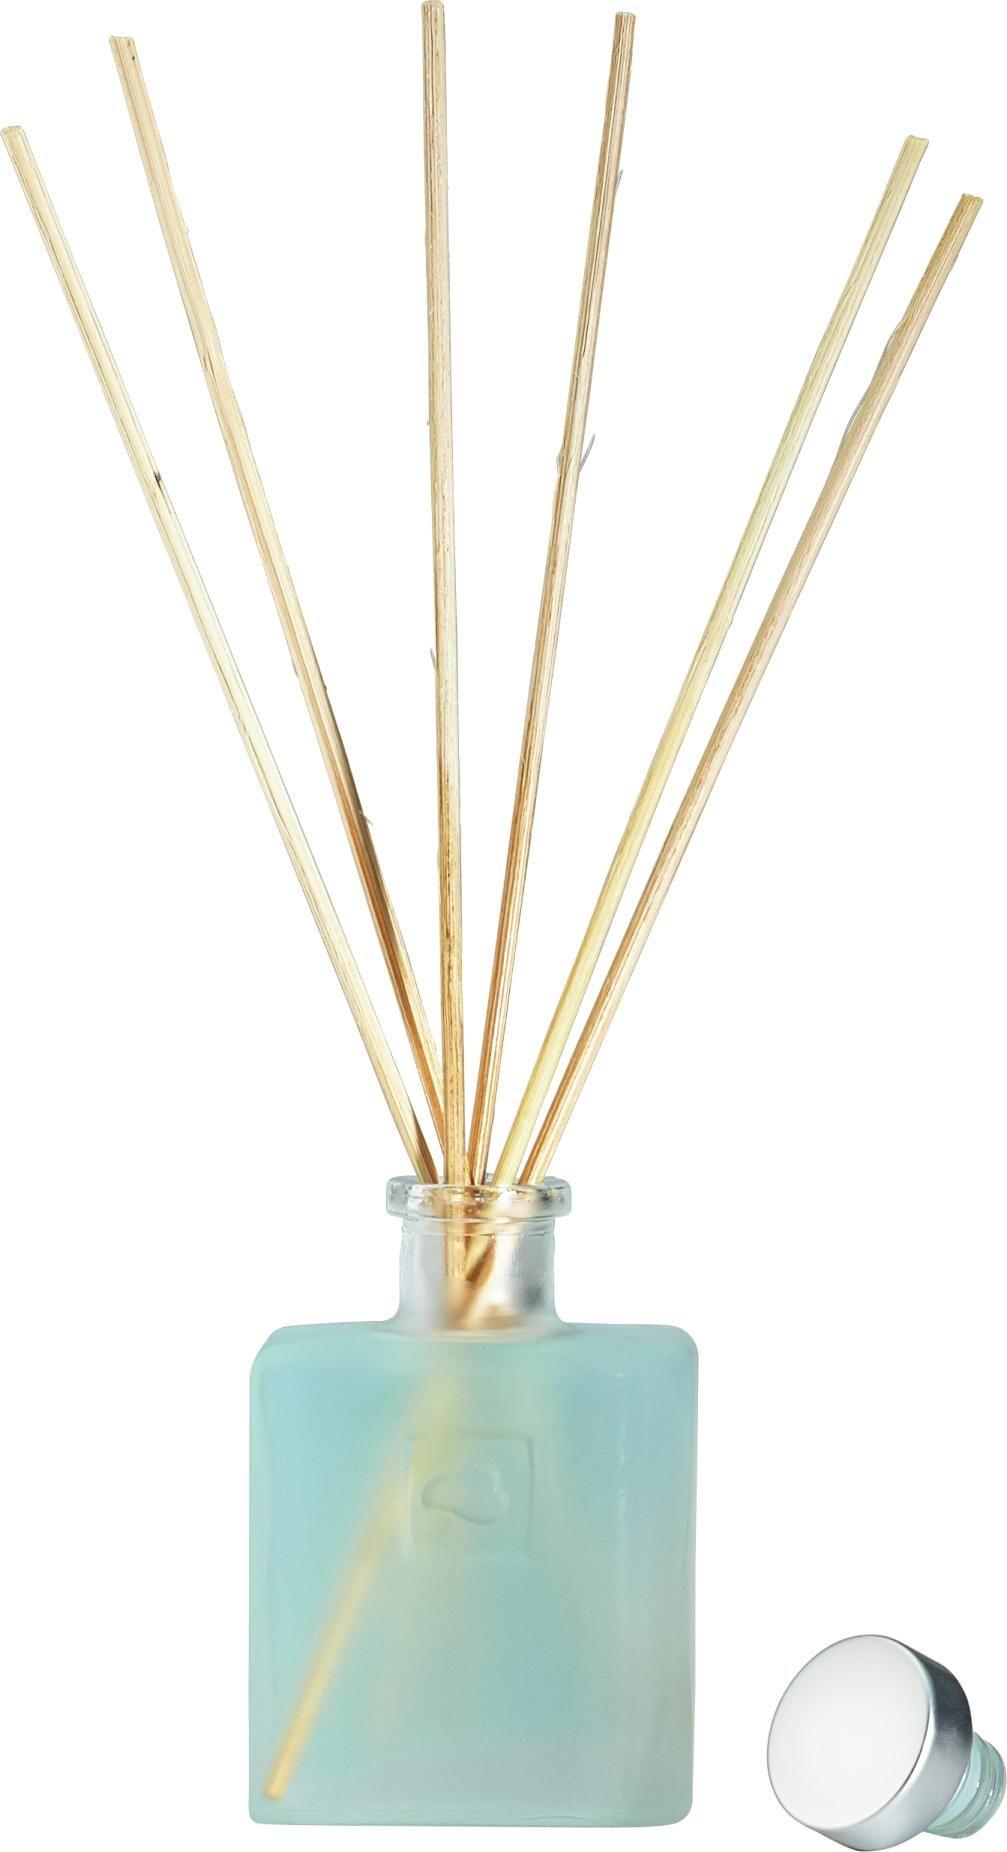 Verleiht eurem Raum einen zarten Hauch von Frische. Dieser Diffuser in Pastellblau sorgt für die richtige Atmosphäre! Durch die Hölzer wird der frische Duft gleichmäßig im Raum verteilt und erhöht so die Lebensqualität. Holt euch diesen erfrischenden Raumduft!